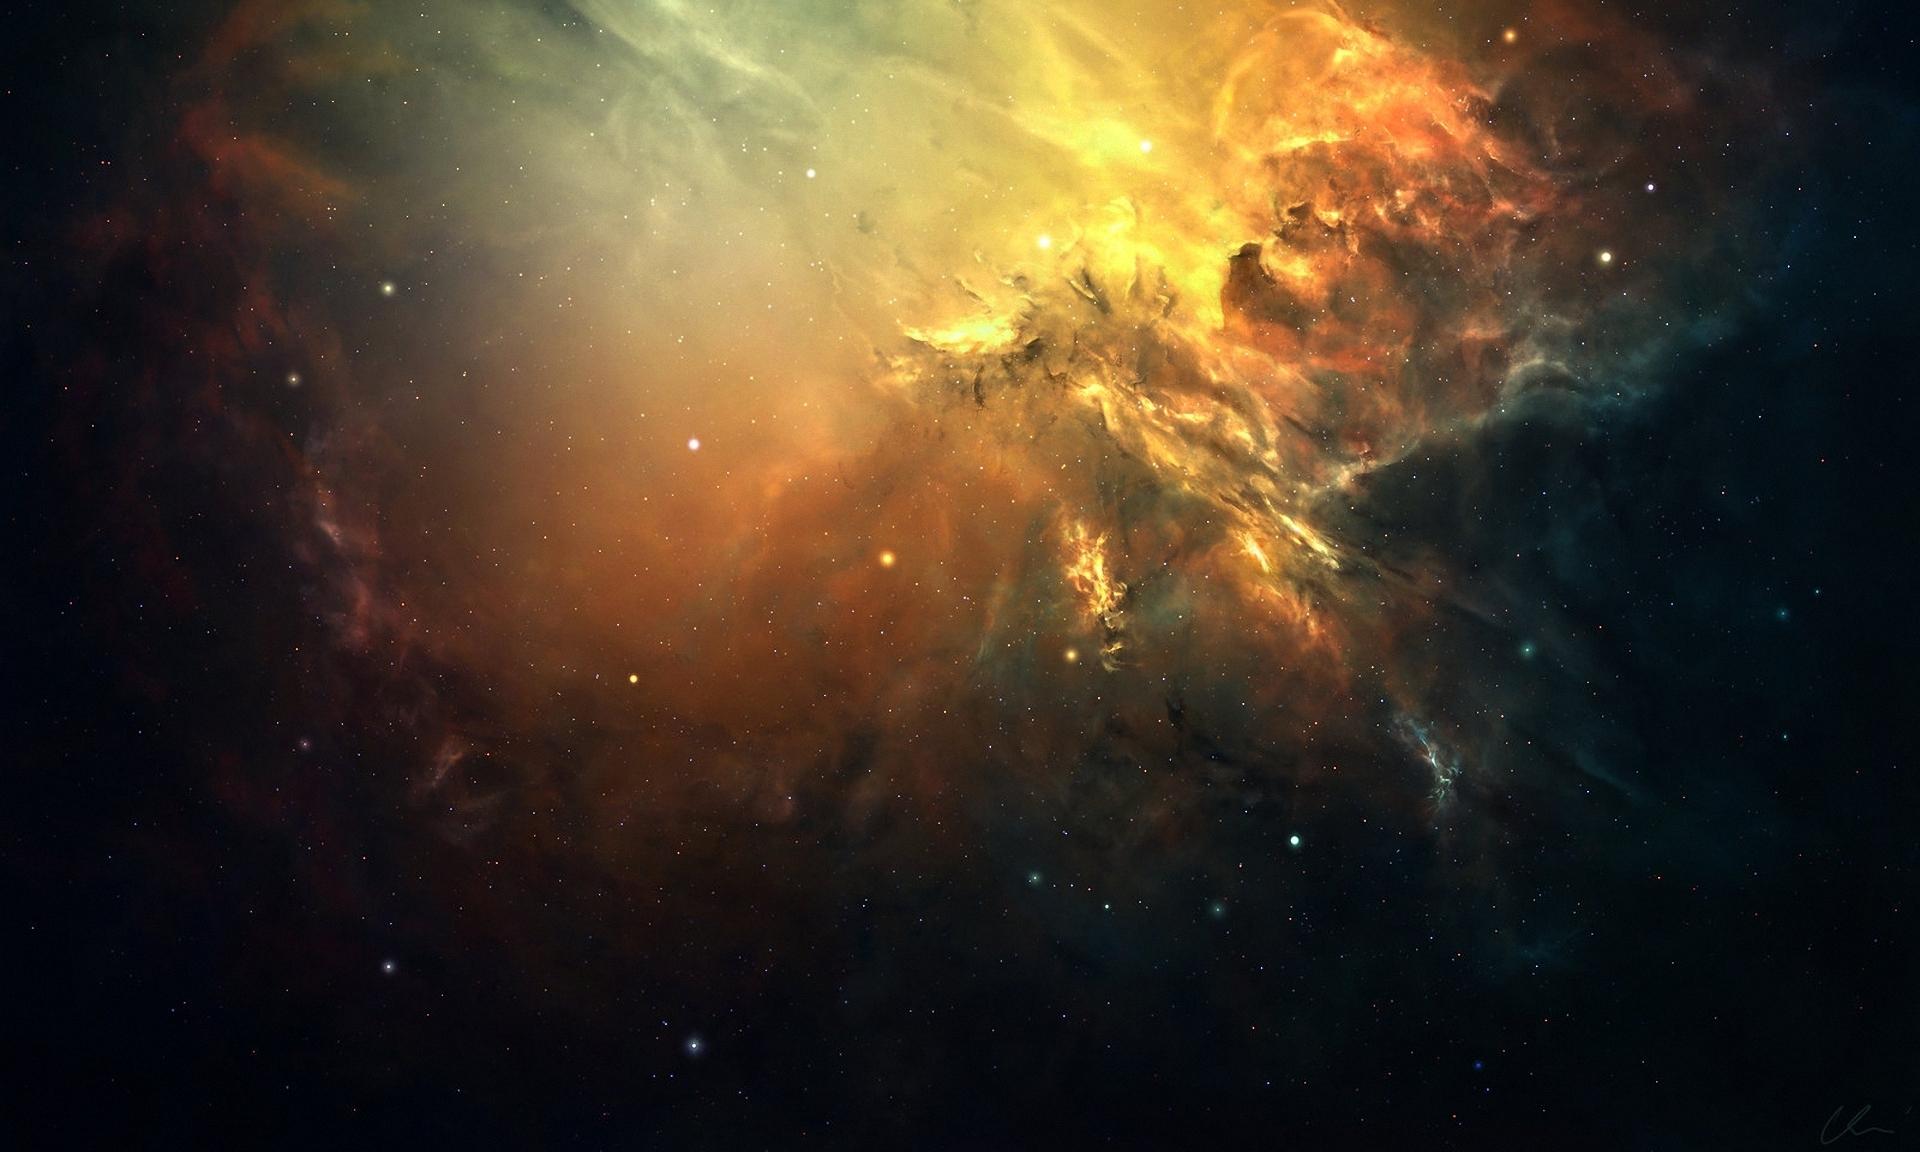 Обои галактика космос свет картинки на рабочий стол на тему Космос - скачать  № 1758677 без смс